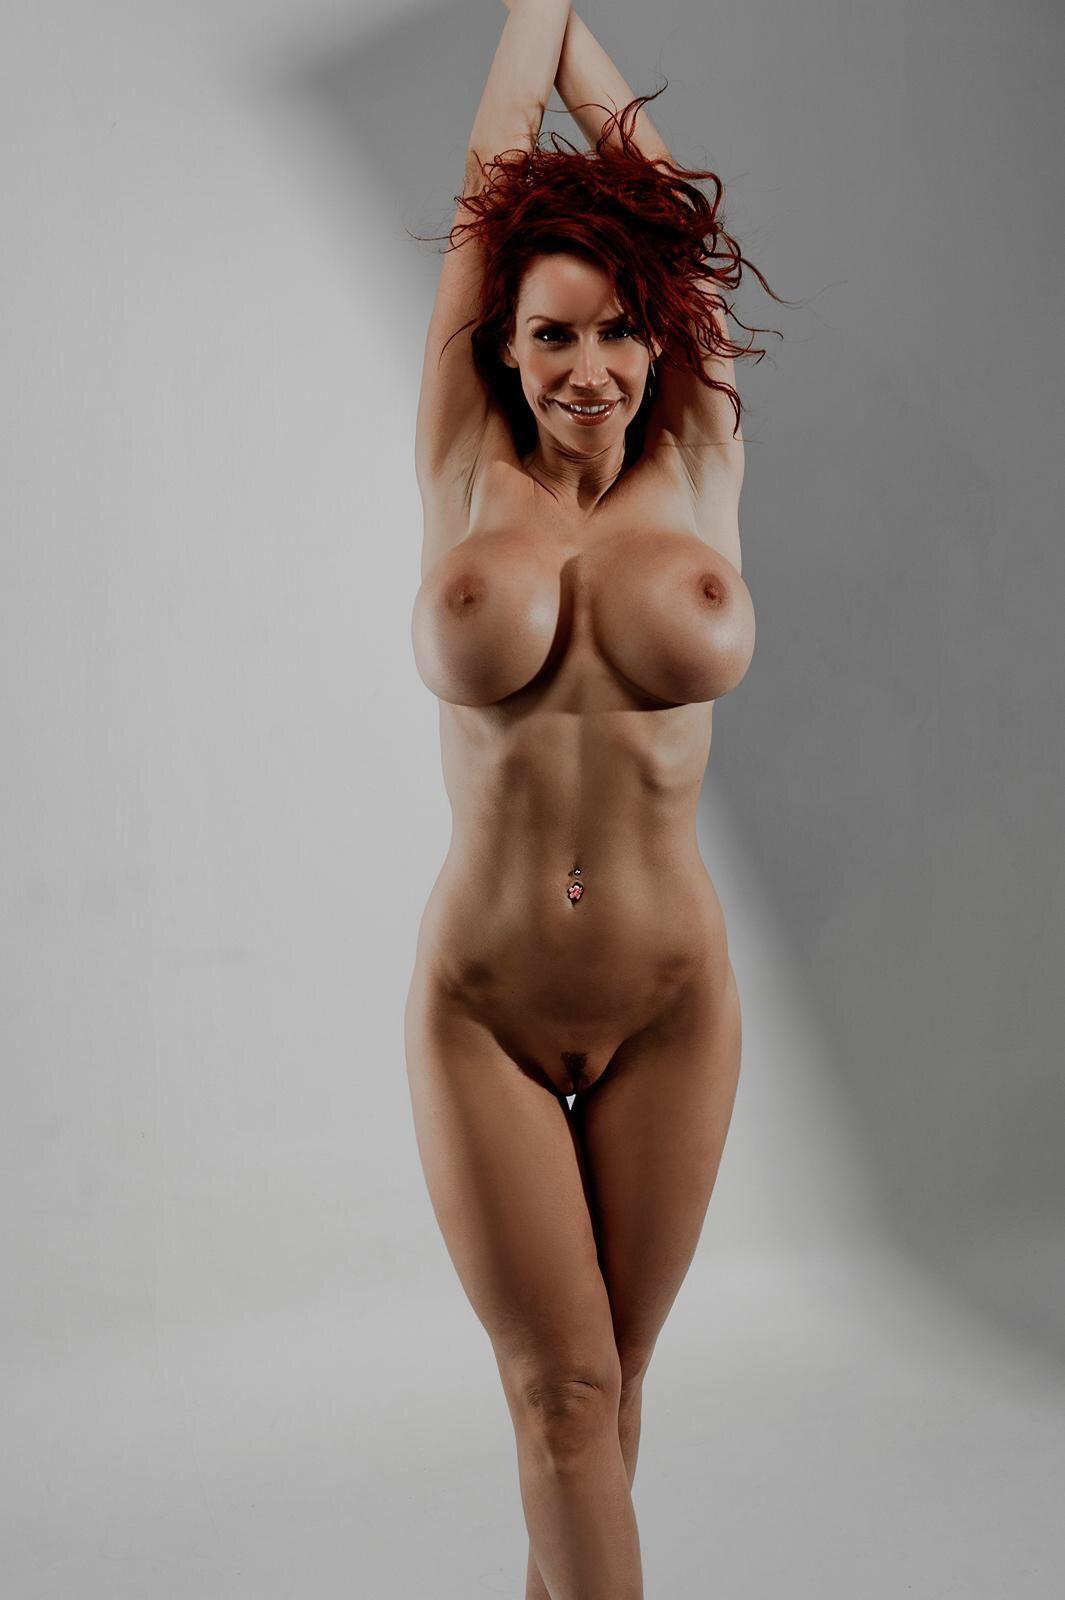 india naked women